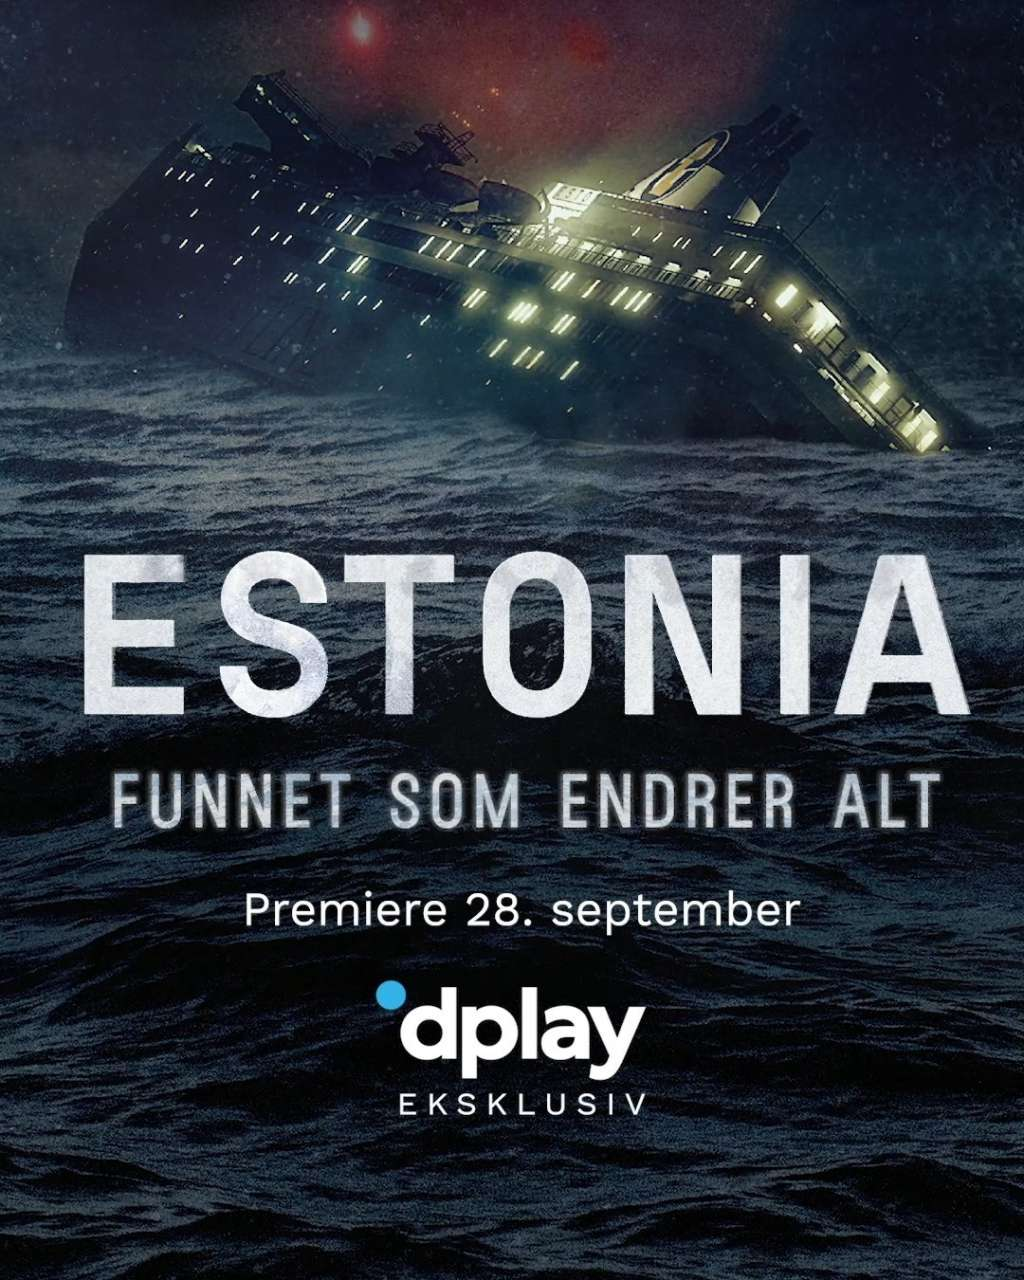 Estonia - funnet som endrer alt kapak